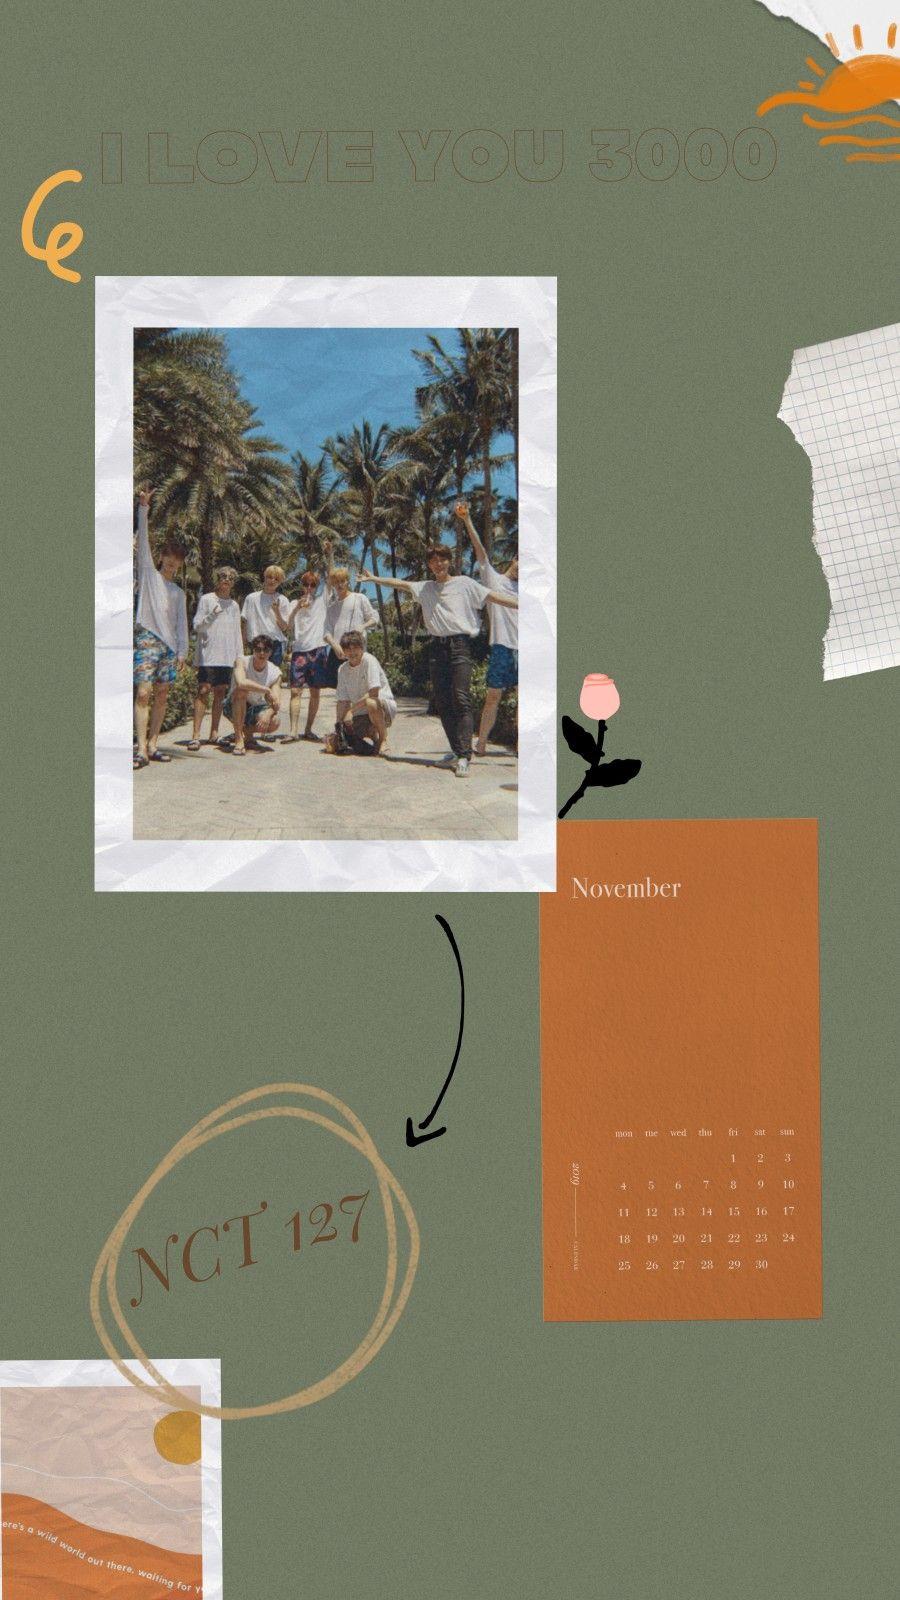 Pin oleh ลออรัตน์ อินต๊ะปัน di nct127 Kartu kertas